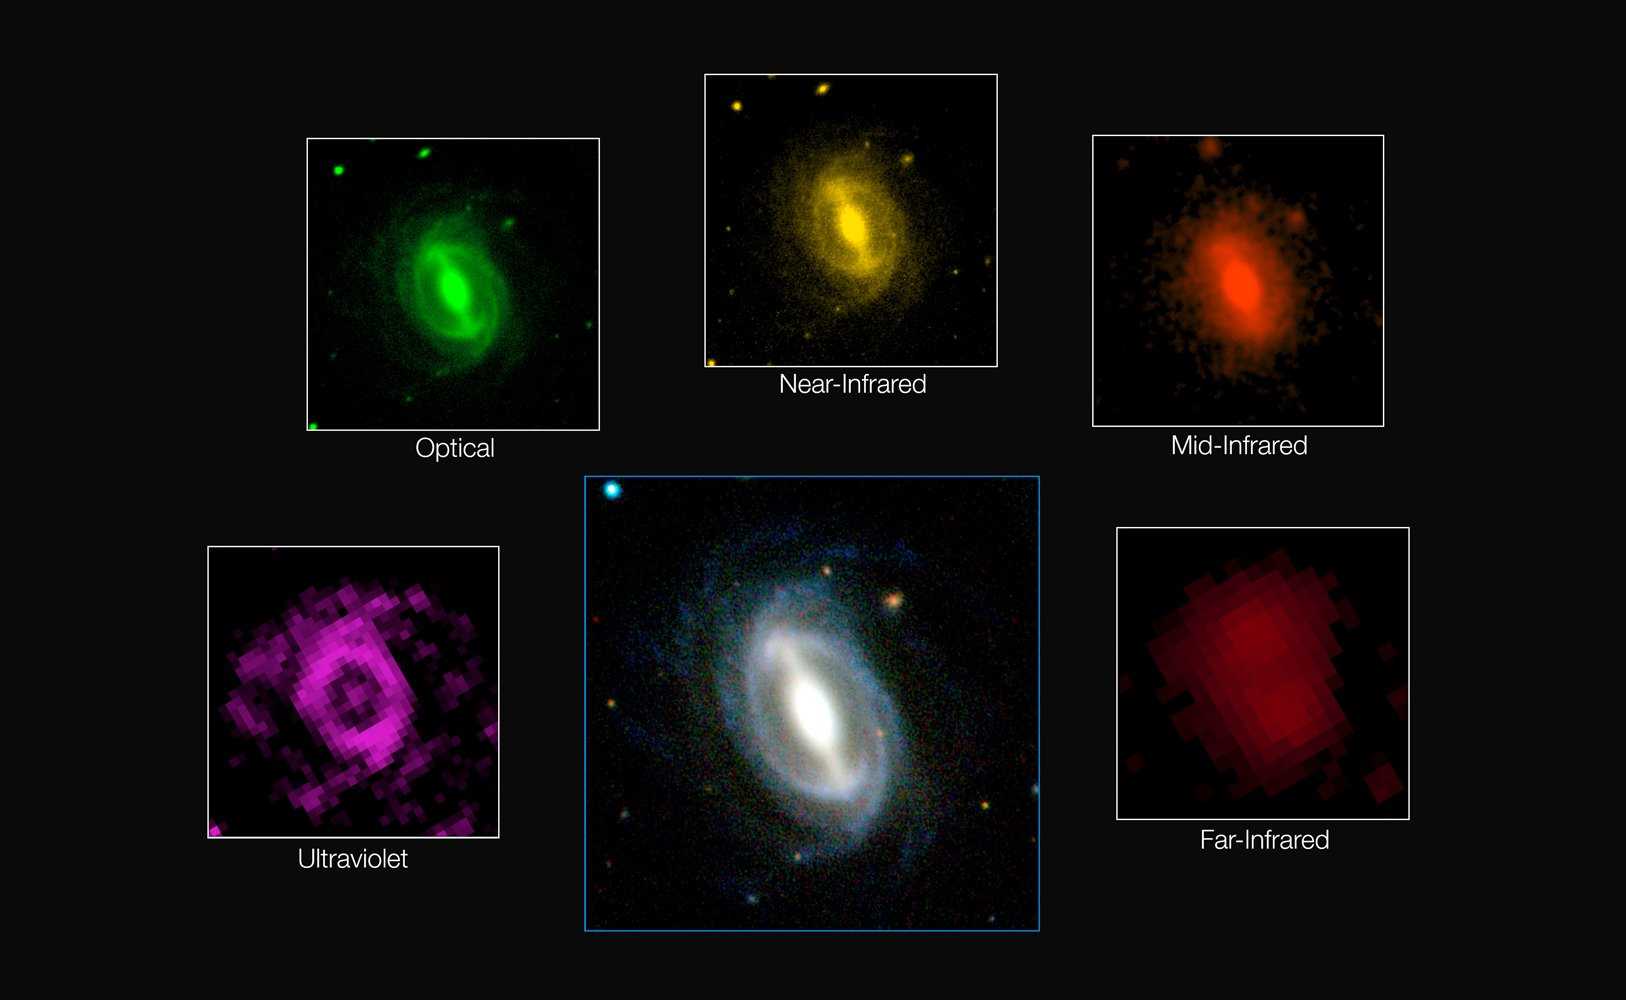 Die Bilder zeigen eine Galaxie in verschiedenen Wellenlängenbereichen.